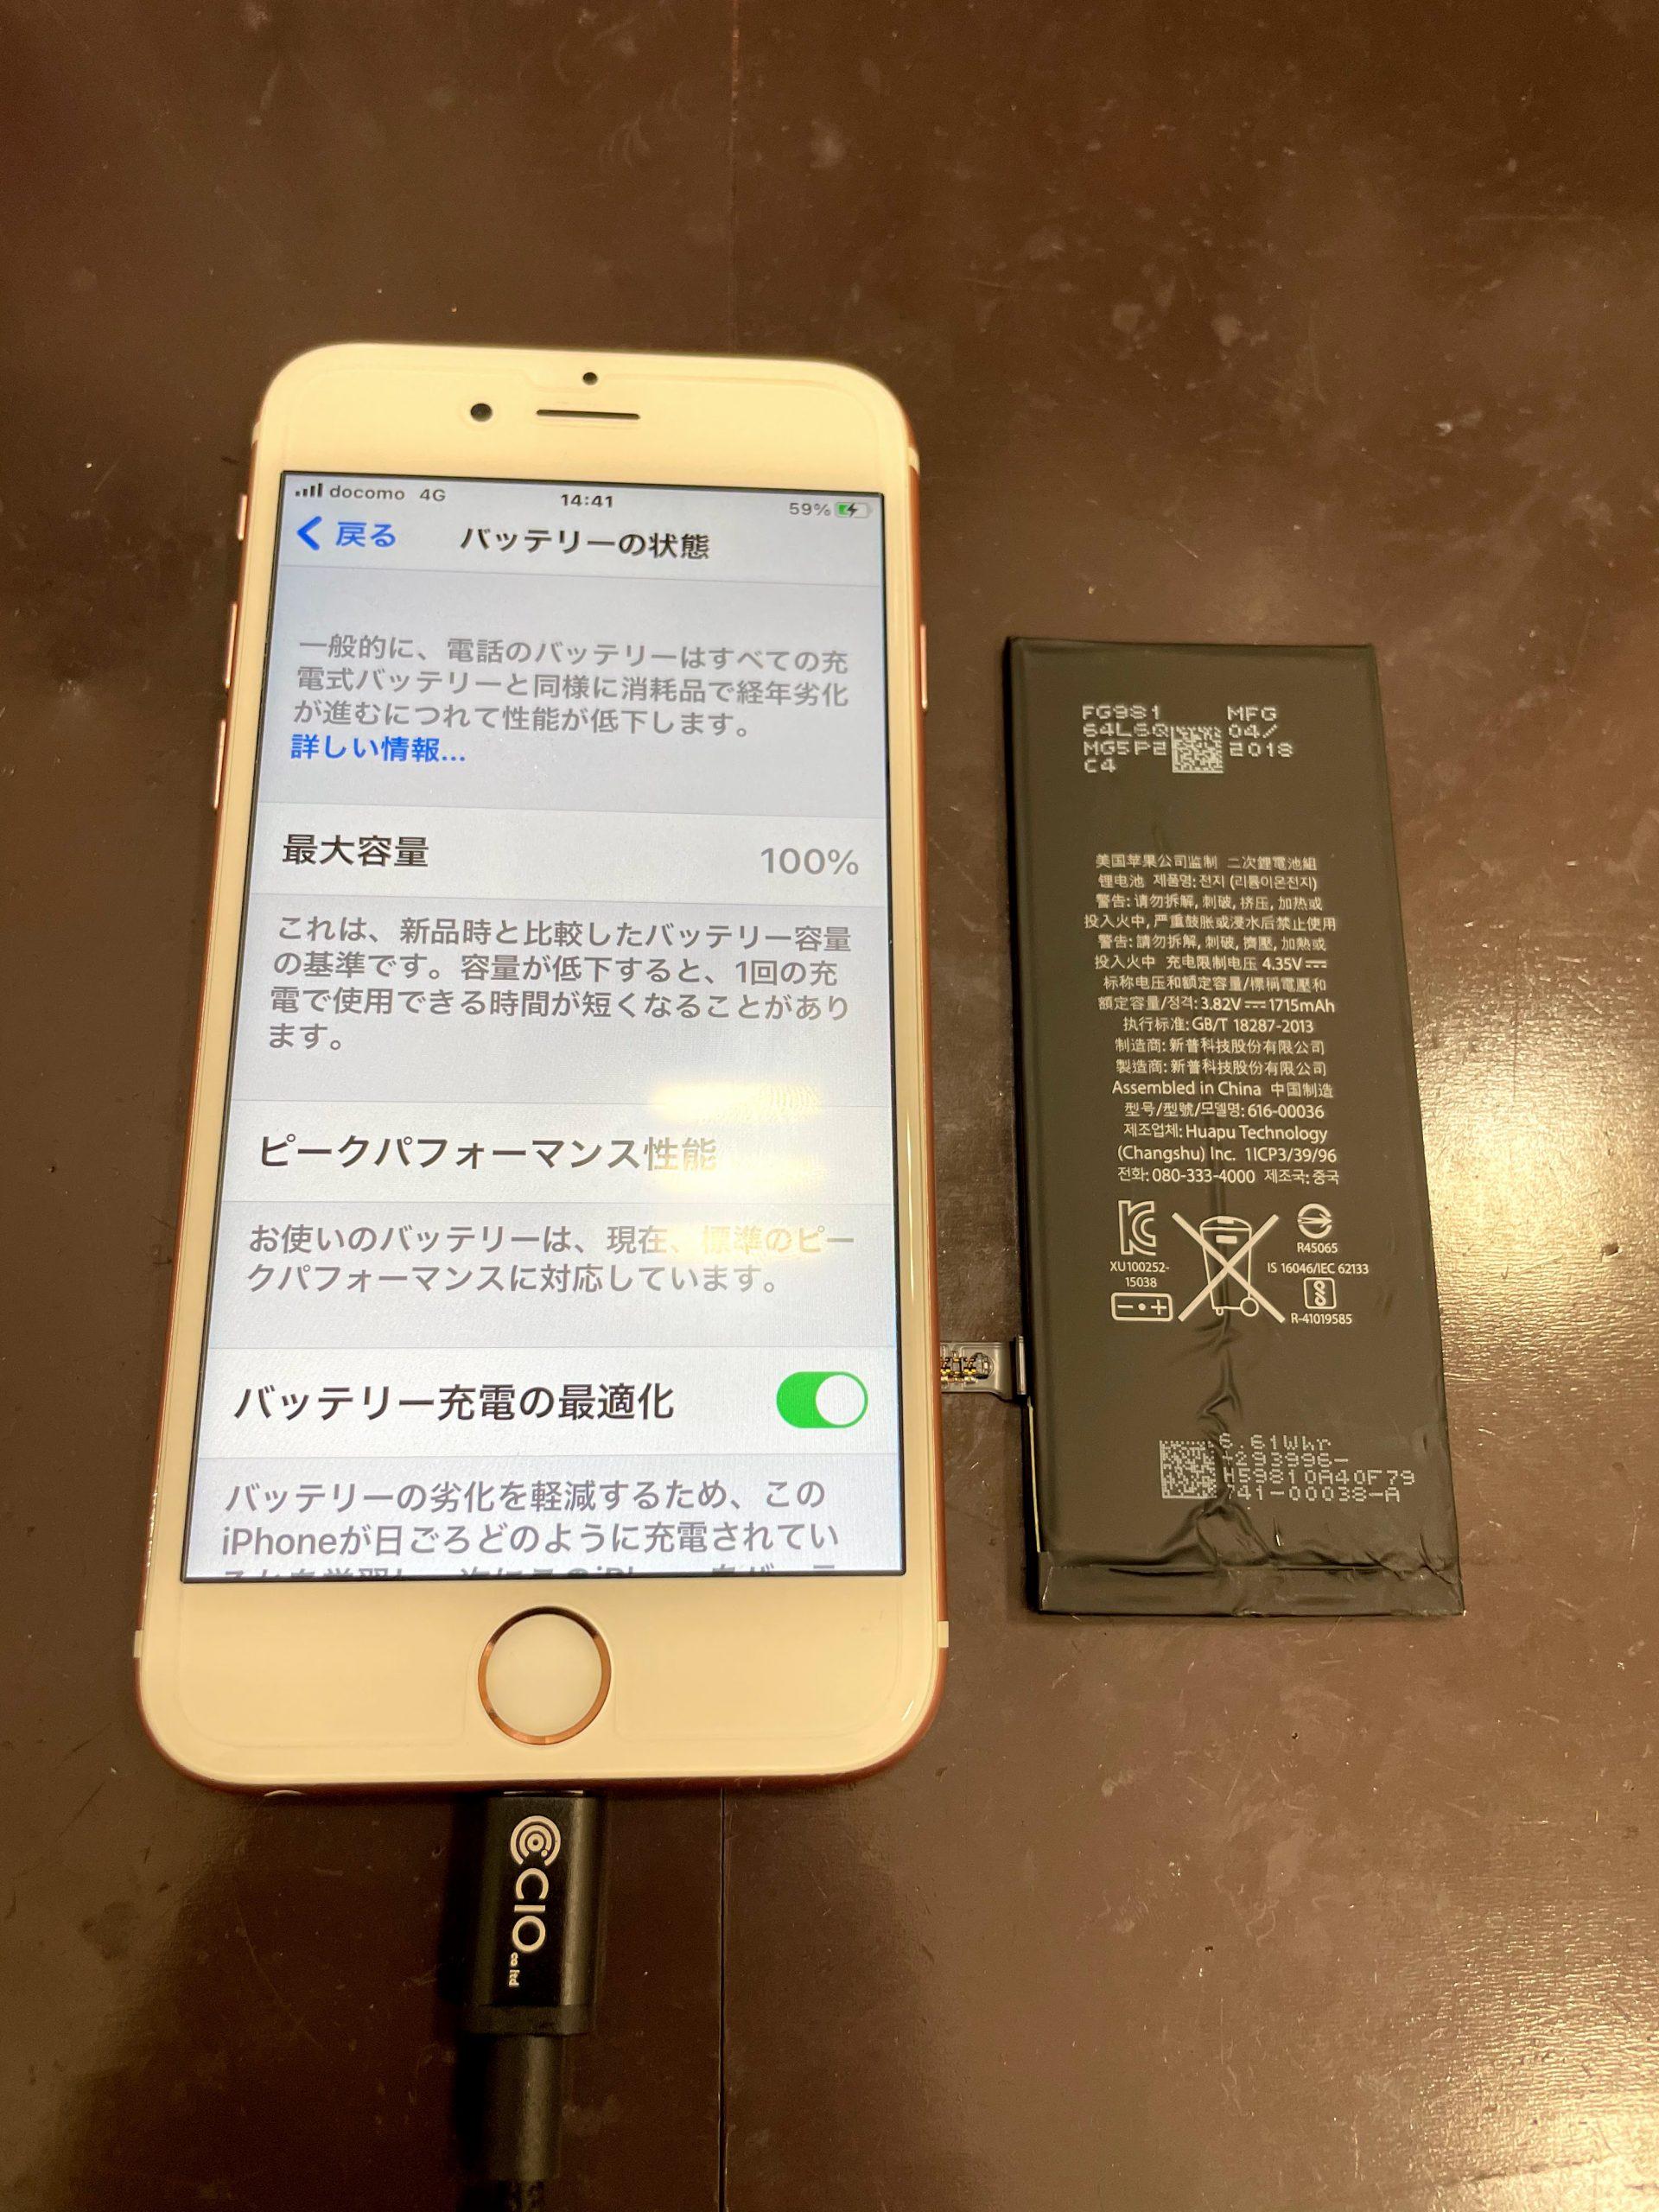 定期的にバッテリーを交換すれば端末を長くお使い頂けます!/iPhone6/バッテリー交換/東区よりお越しのお客様